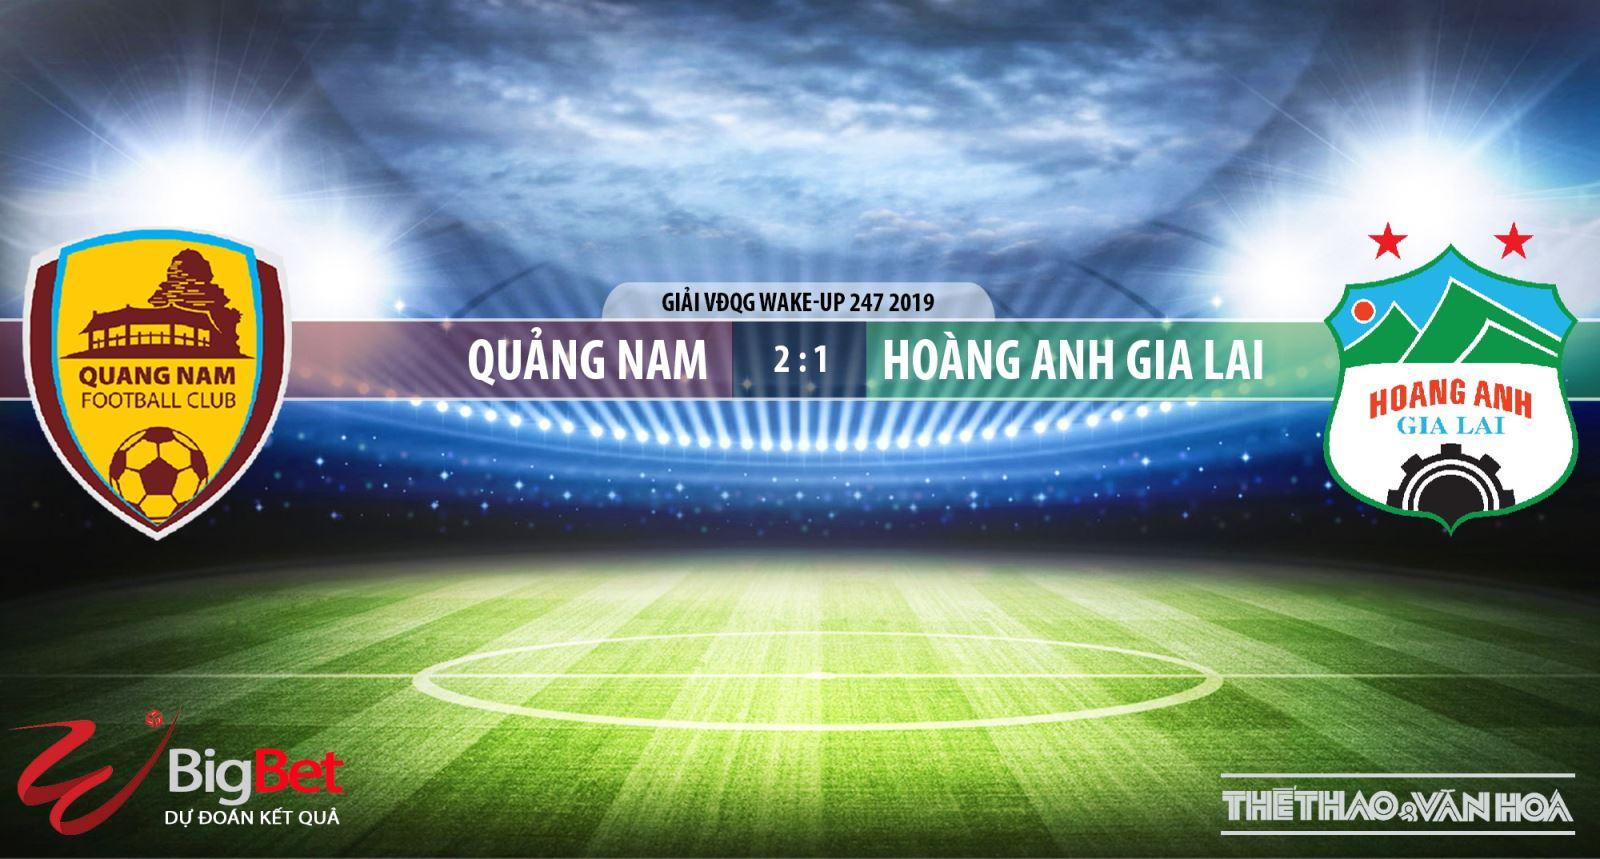 FPT Play, Quảng Nam, HAGL, truc tiep bong da, trực tiếp bóng đá, Quảng Nam vs HAGL, truc tiep HAGL, VLeague 2019, xem bong da truc tuyen, BĐTV, FPT, Hoàng Anh Gia Lai